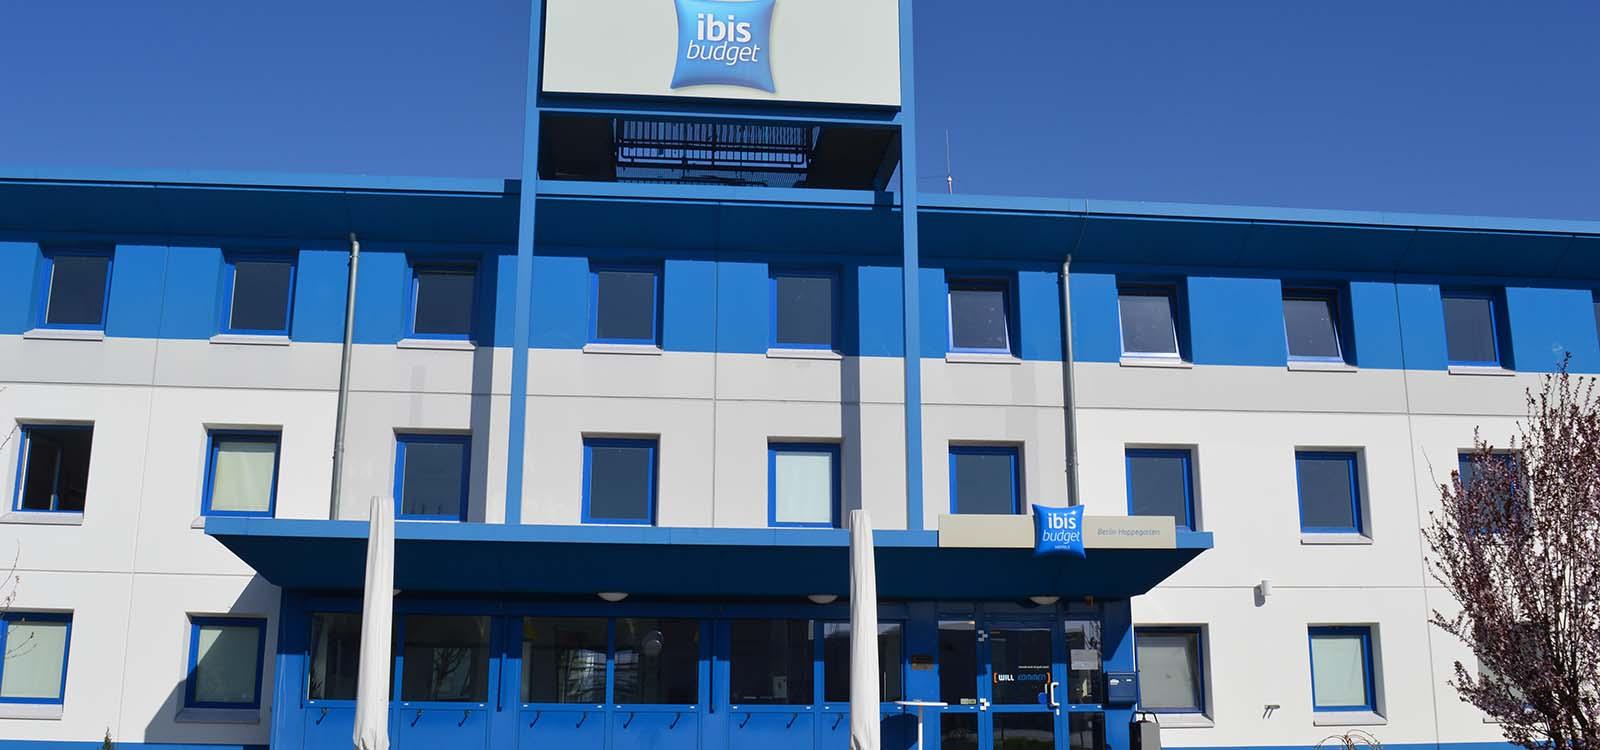 Ibis Hotel Check In Zeiten